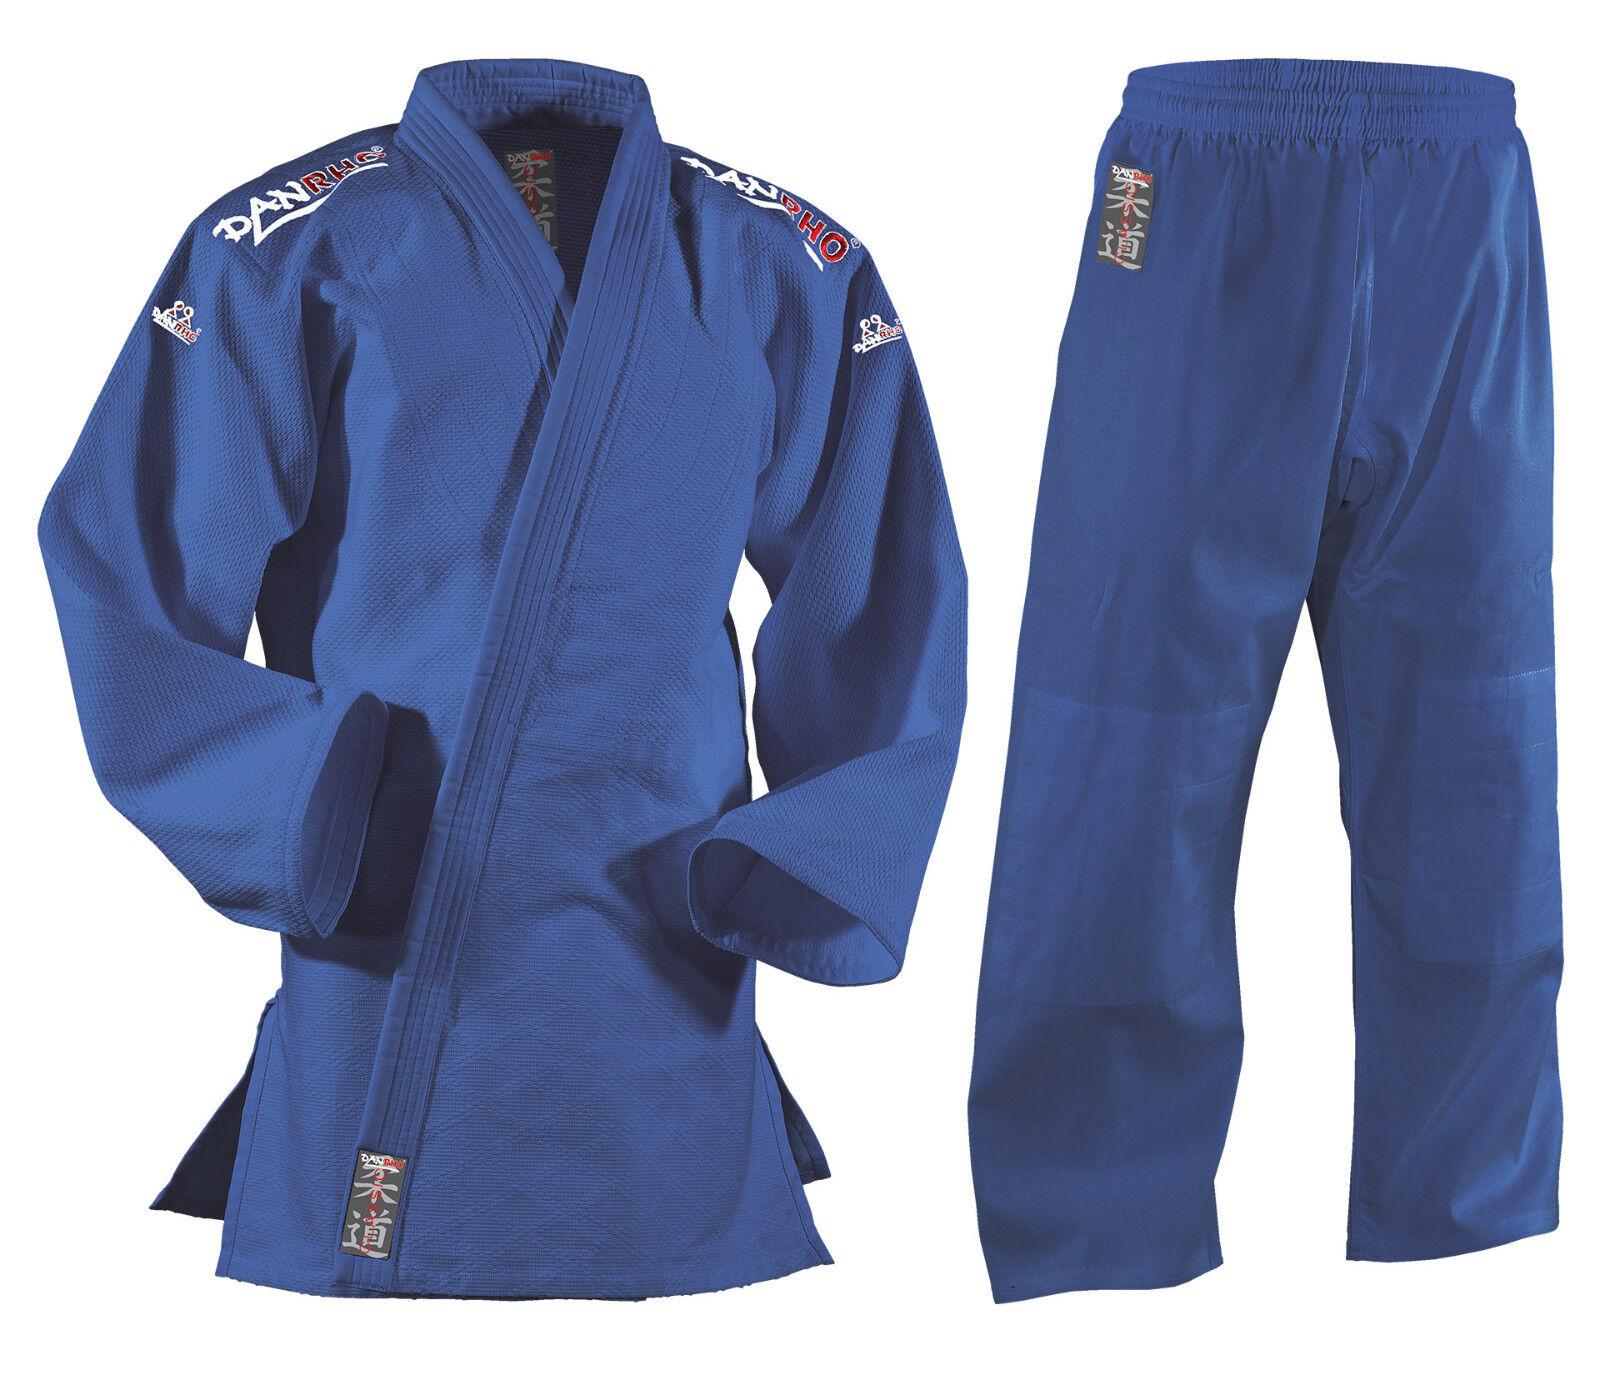 DANRHO ® Judoanzug Classic blau  NEU NEU NEU c3d49c